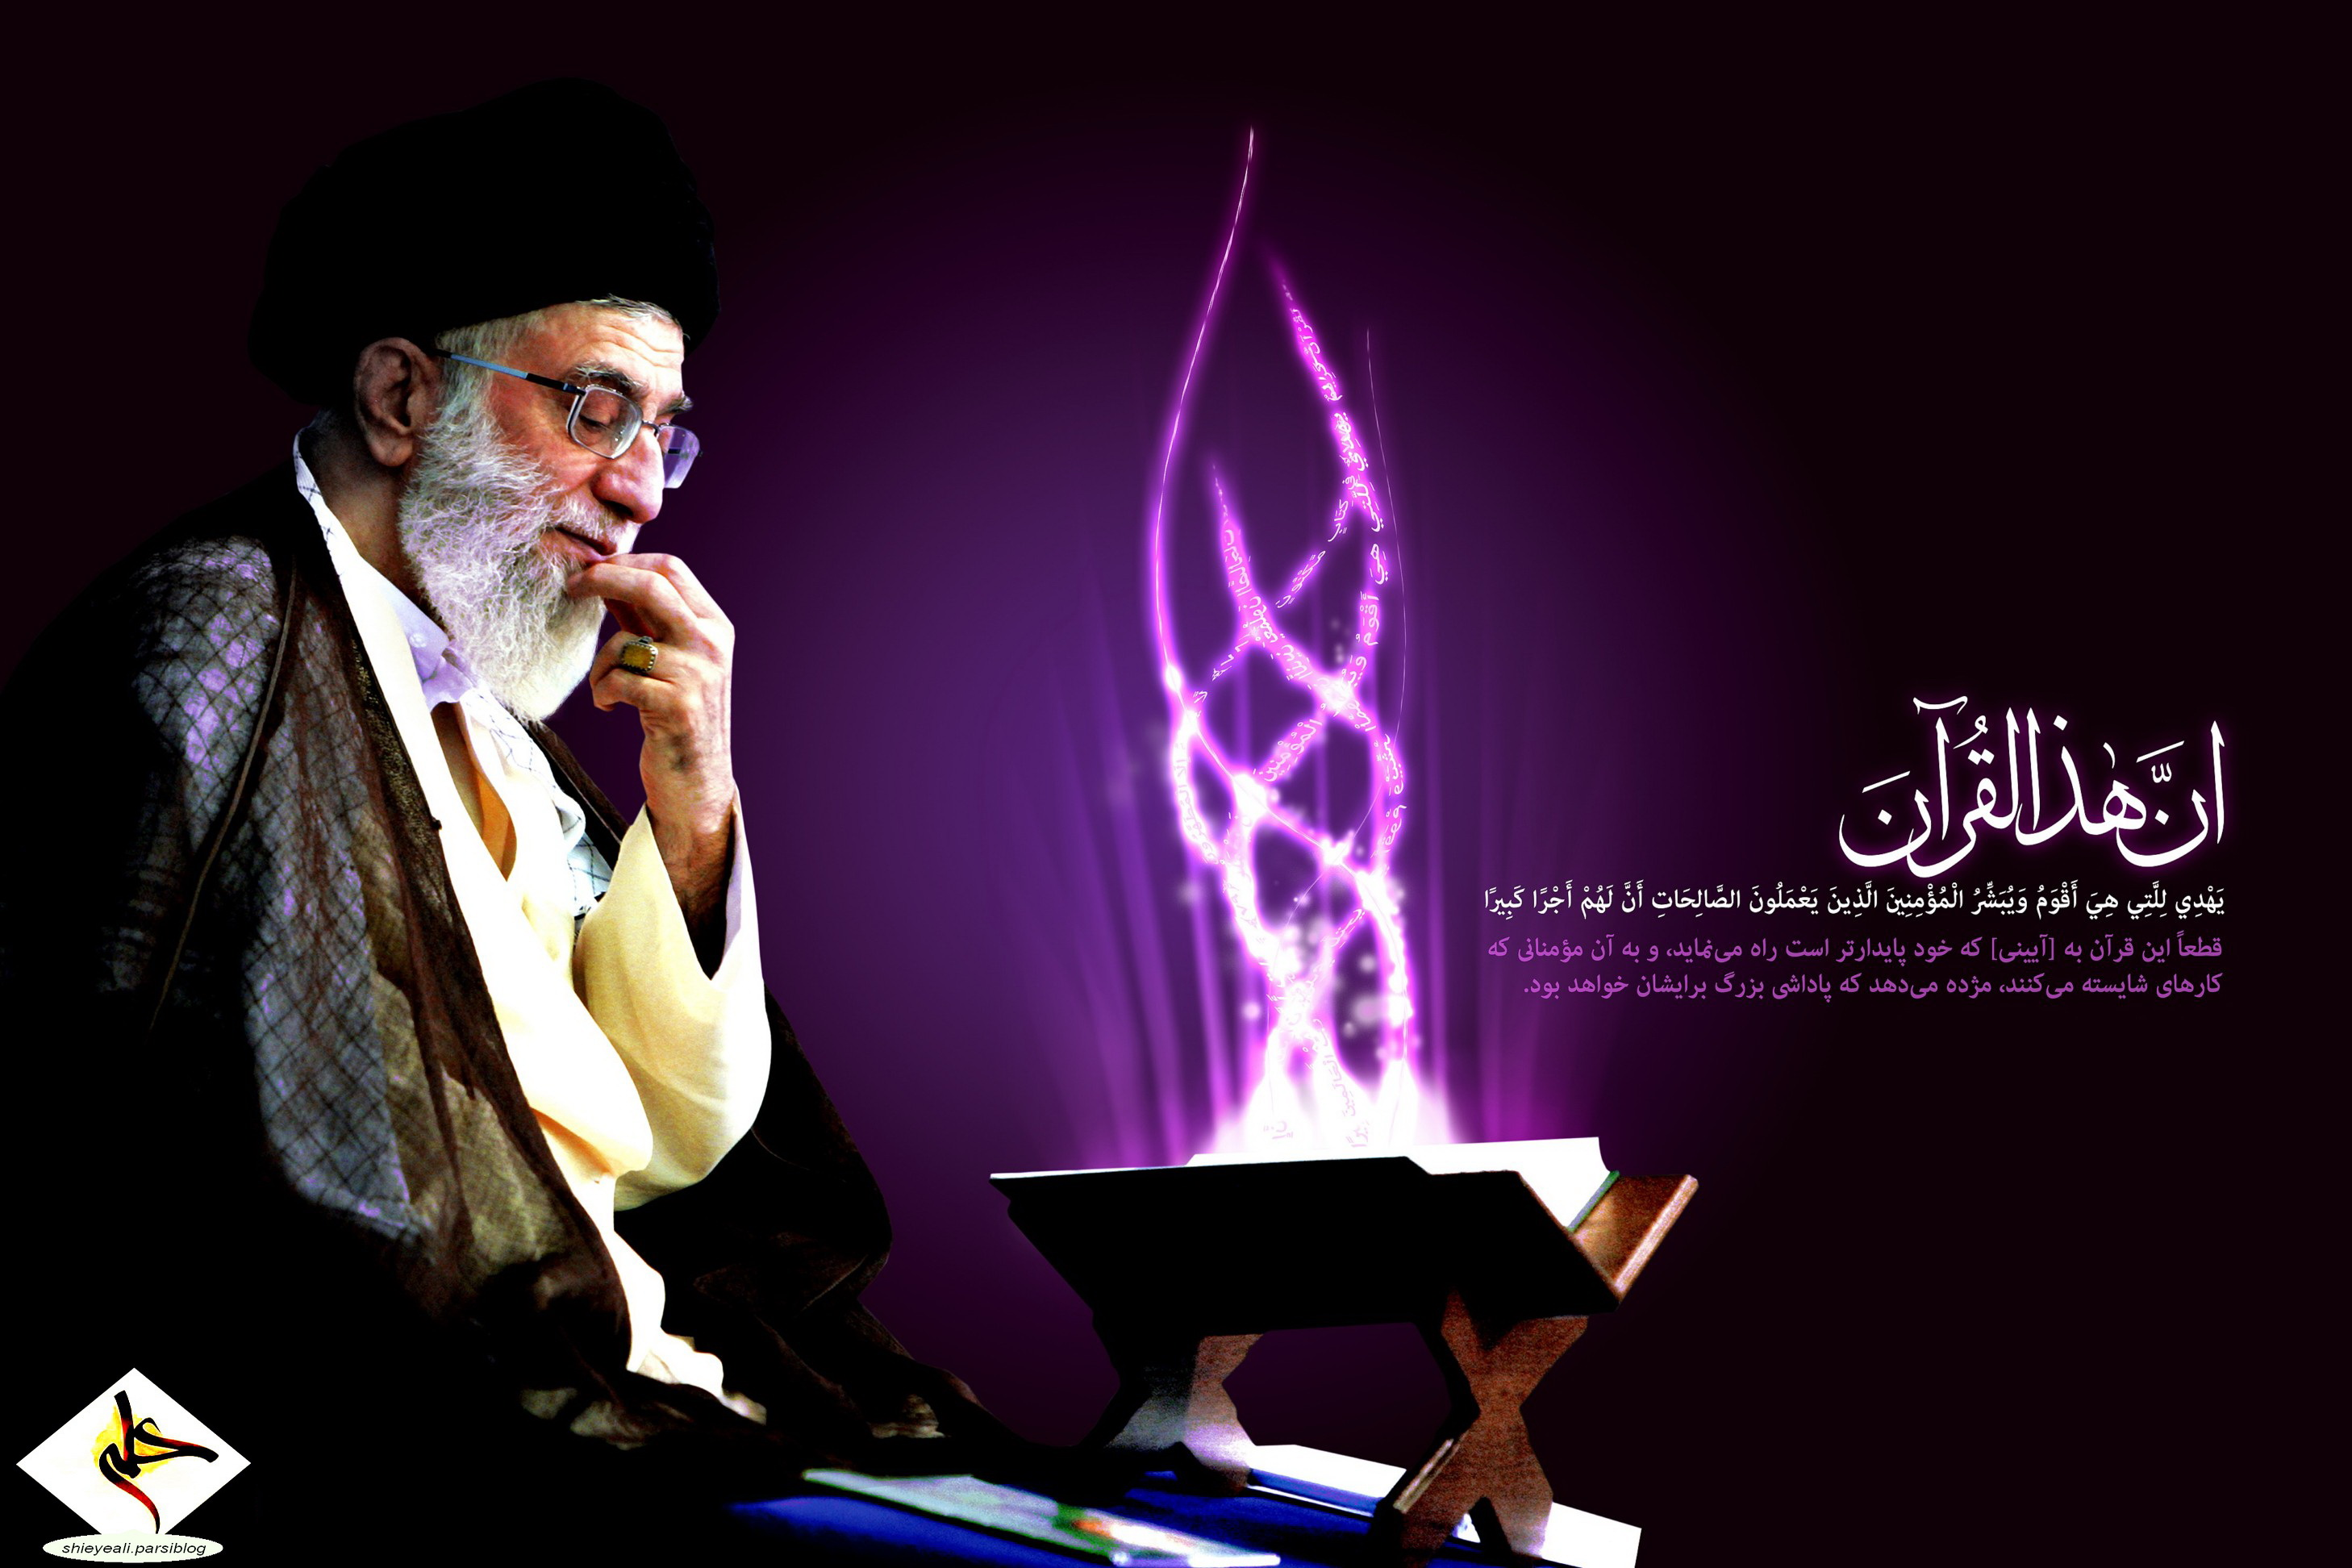 قرآن سید علی